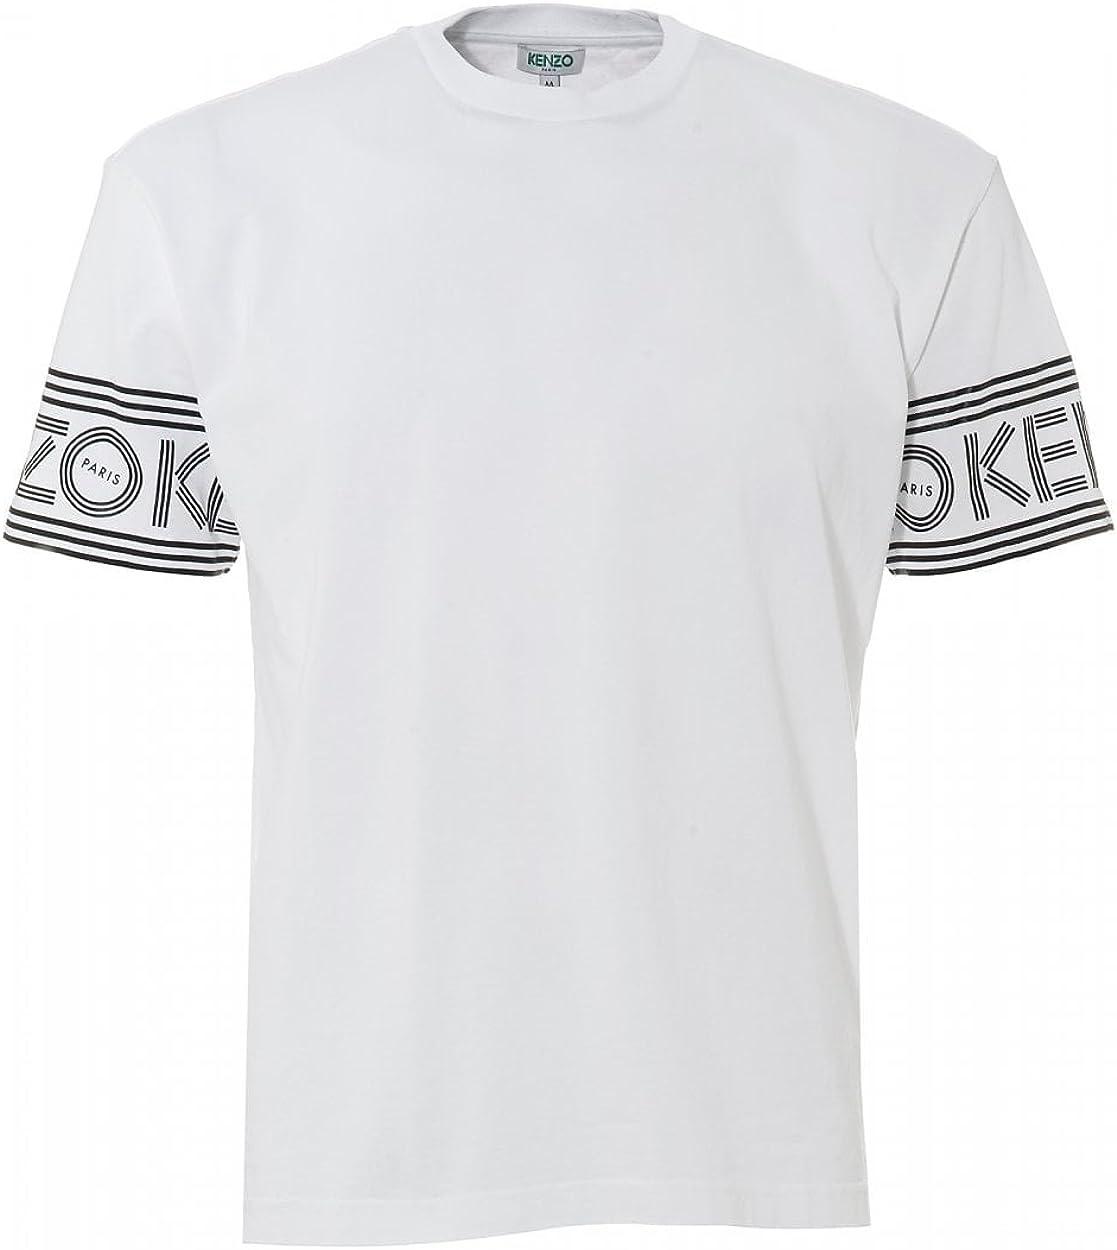 Kenzo Camiseta Hombre Bianco